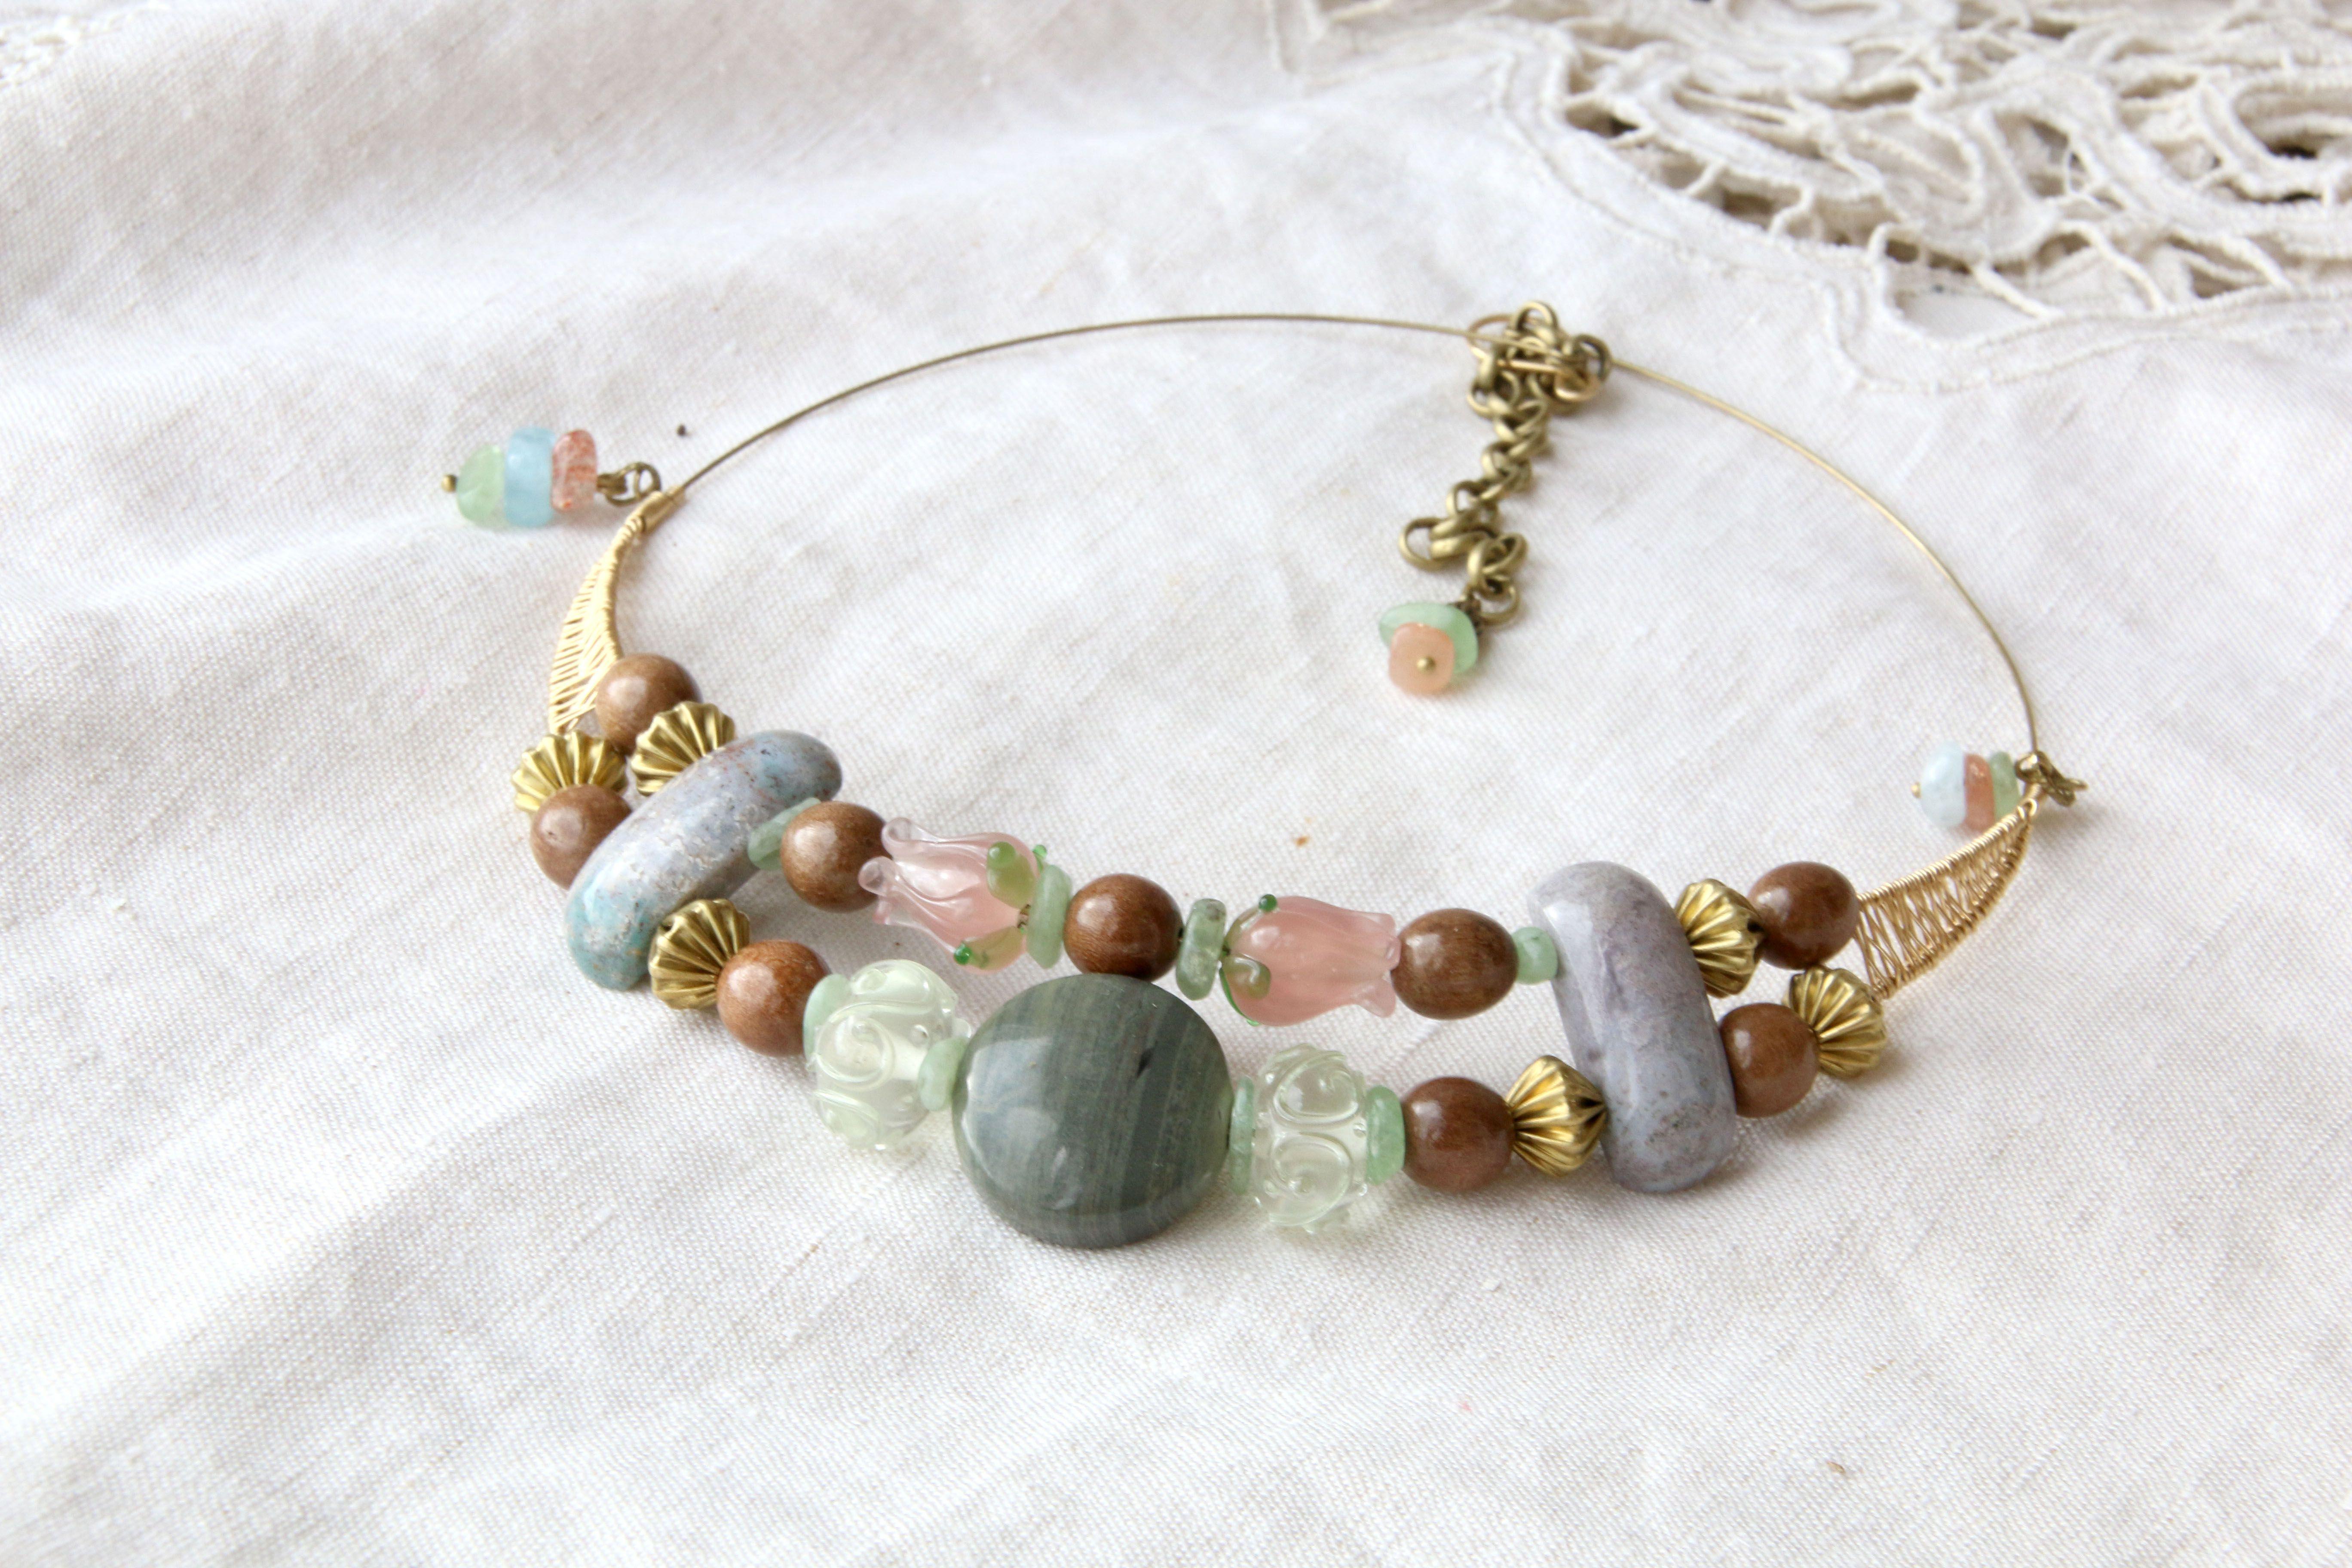 грозди оливковый цветение натуральные весенний лэмпворк ожерелье розовый зеленый голубой